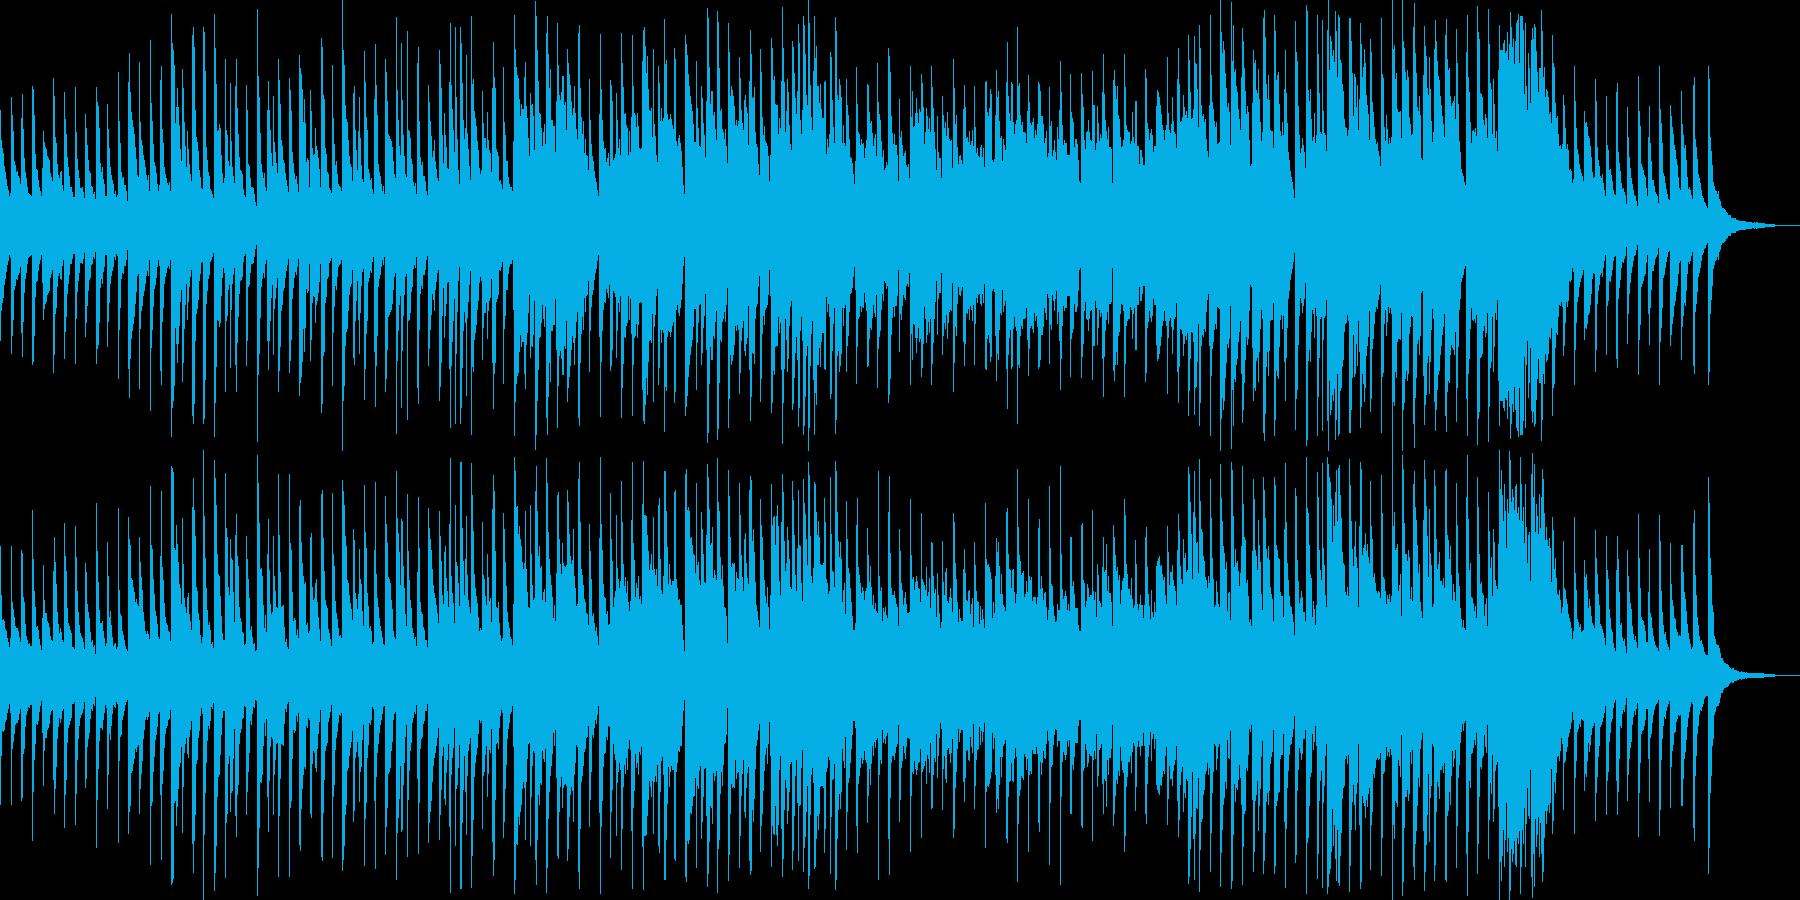 箏と笛の哀愁ある和風曲の再生済みの波形